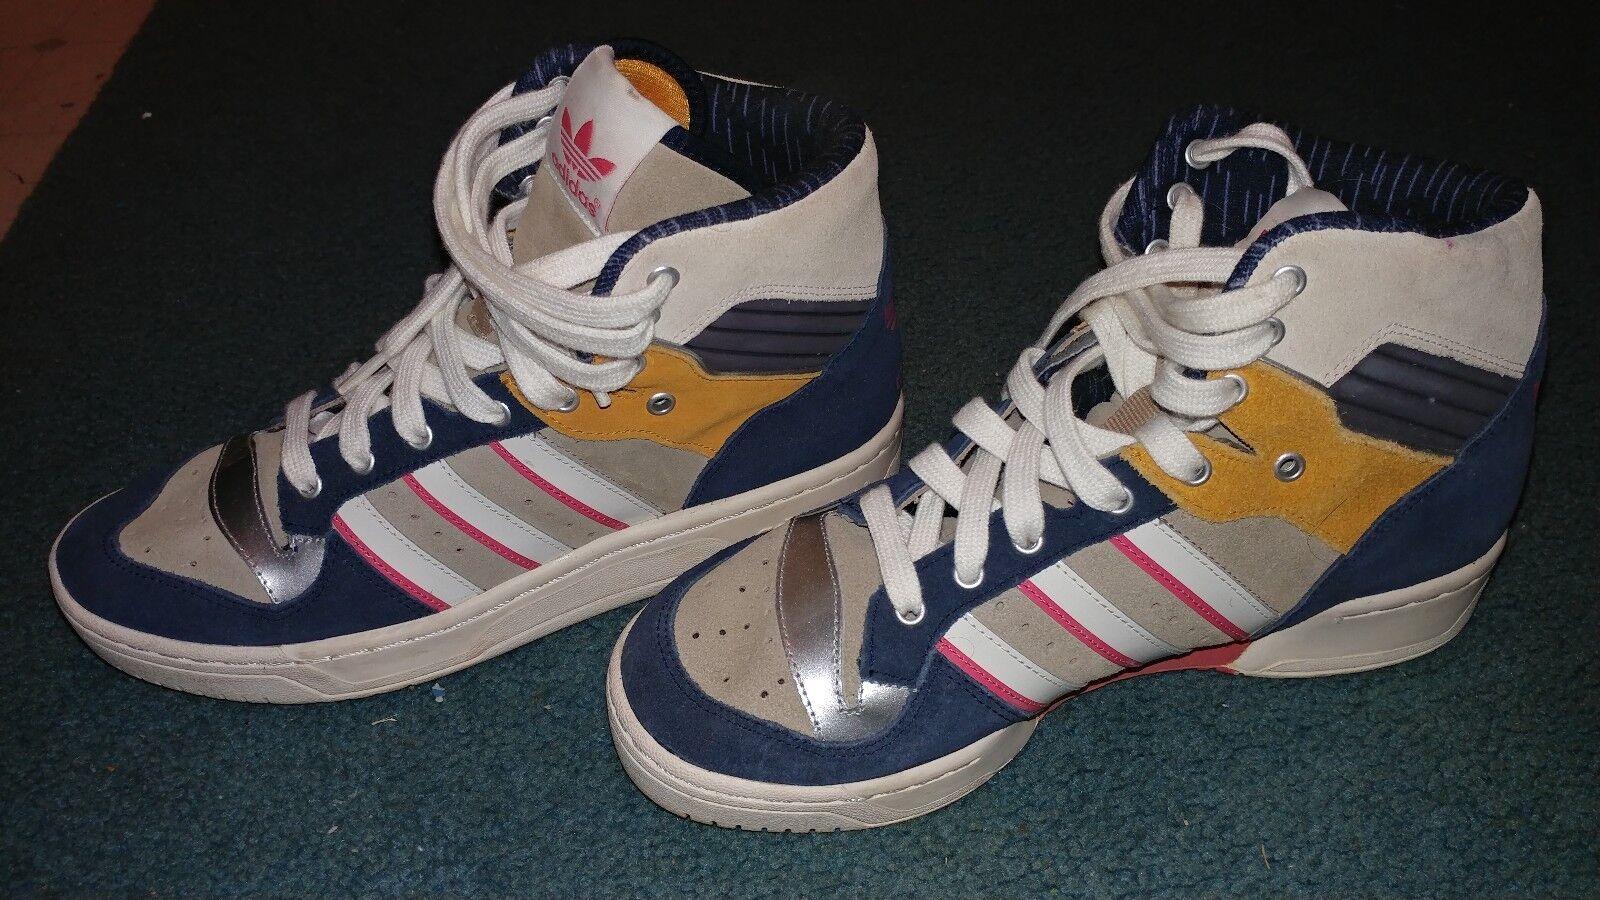 new product 00bff ebab6 Adidas 2013 originale rivalita  retro   retro   retro  scarpe taglia 8